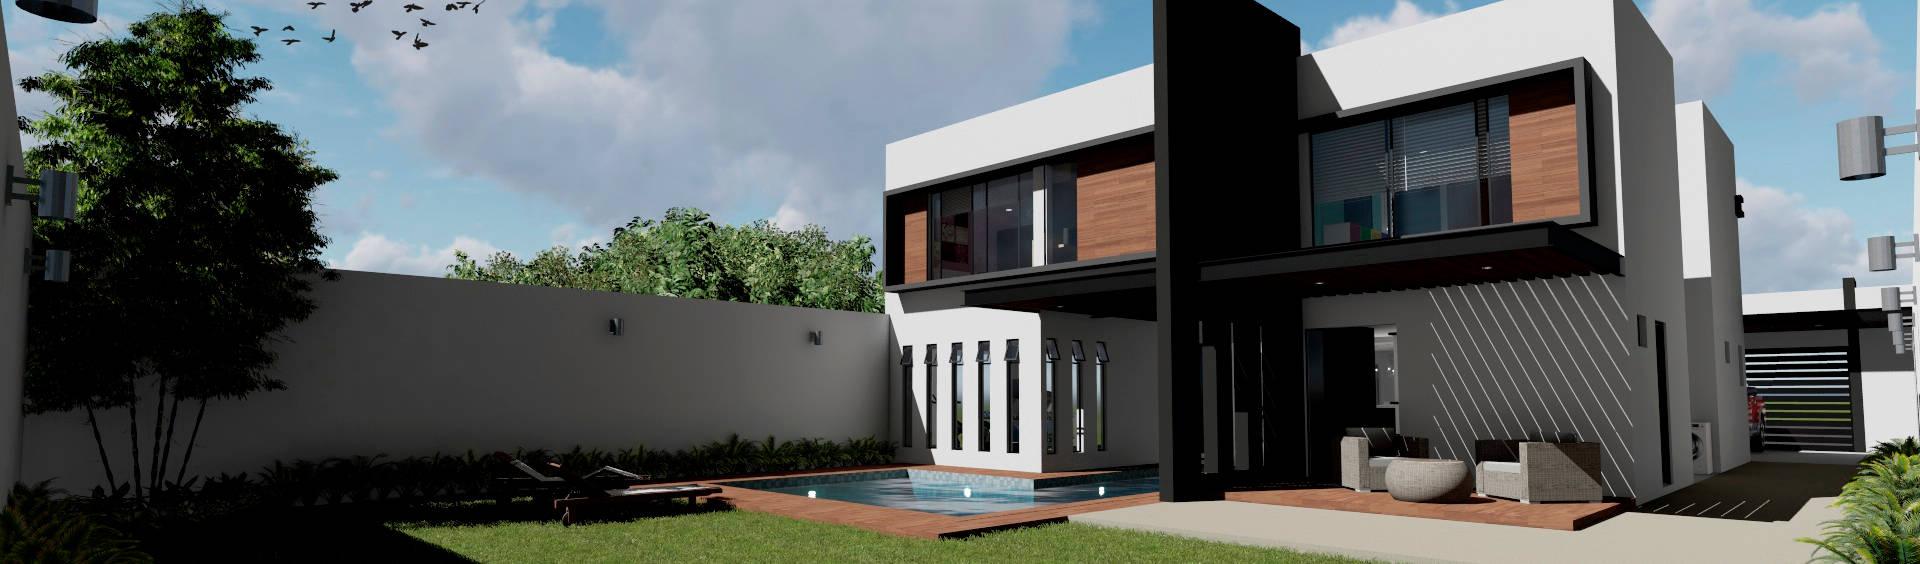 Studio Arch'D Arquitectos